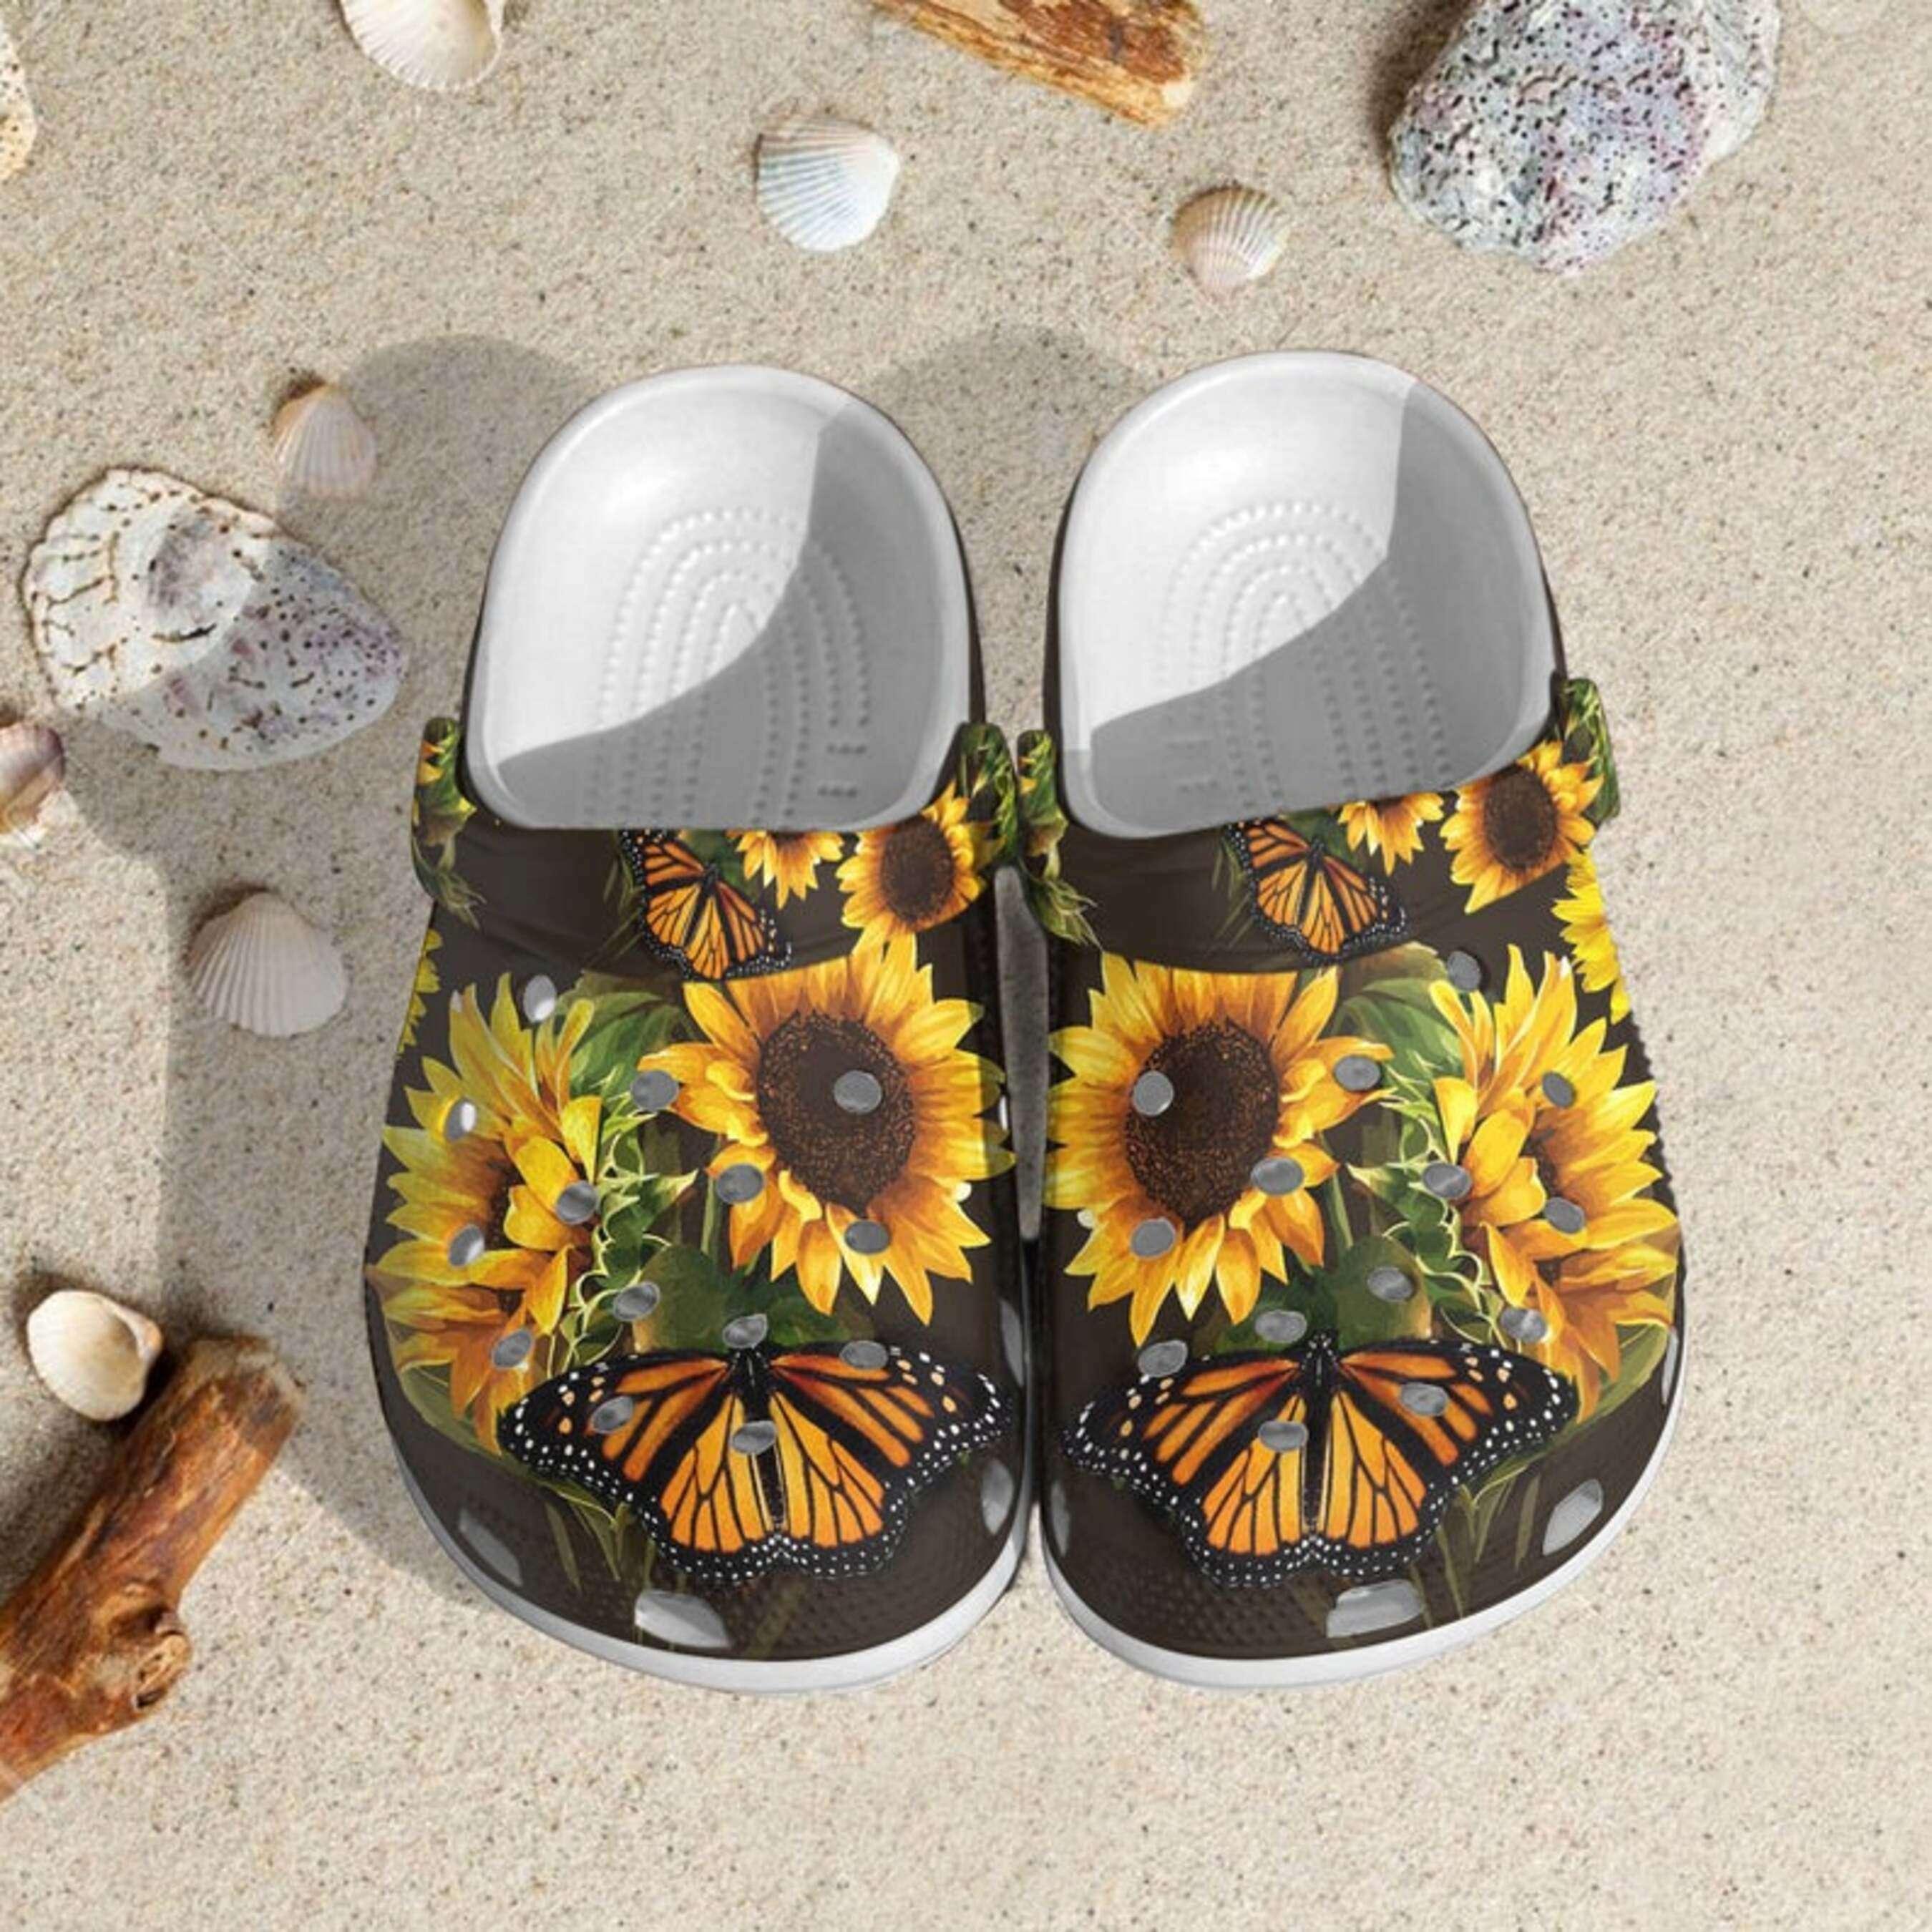 New Sunflowers Crocs Clog Shoes